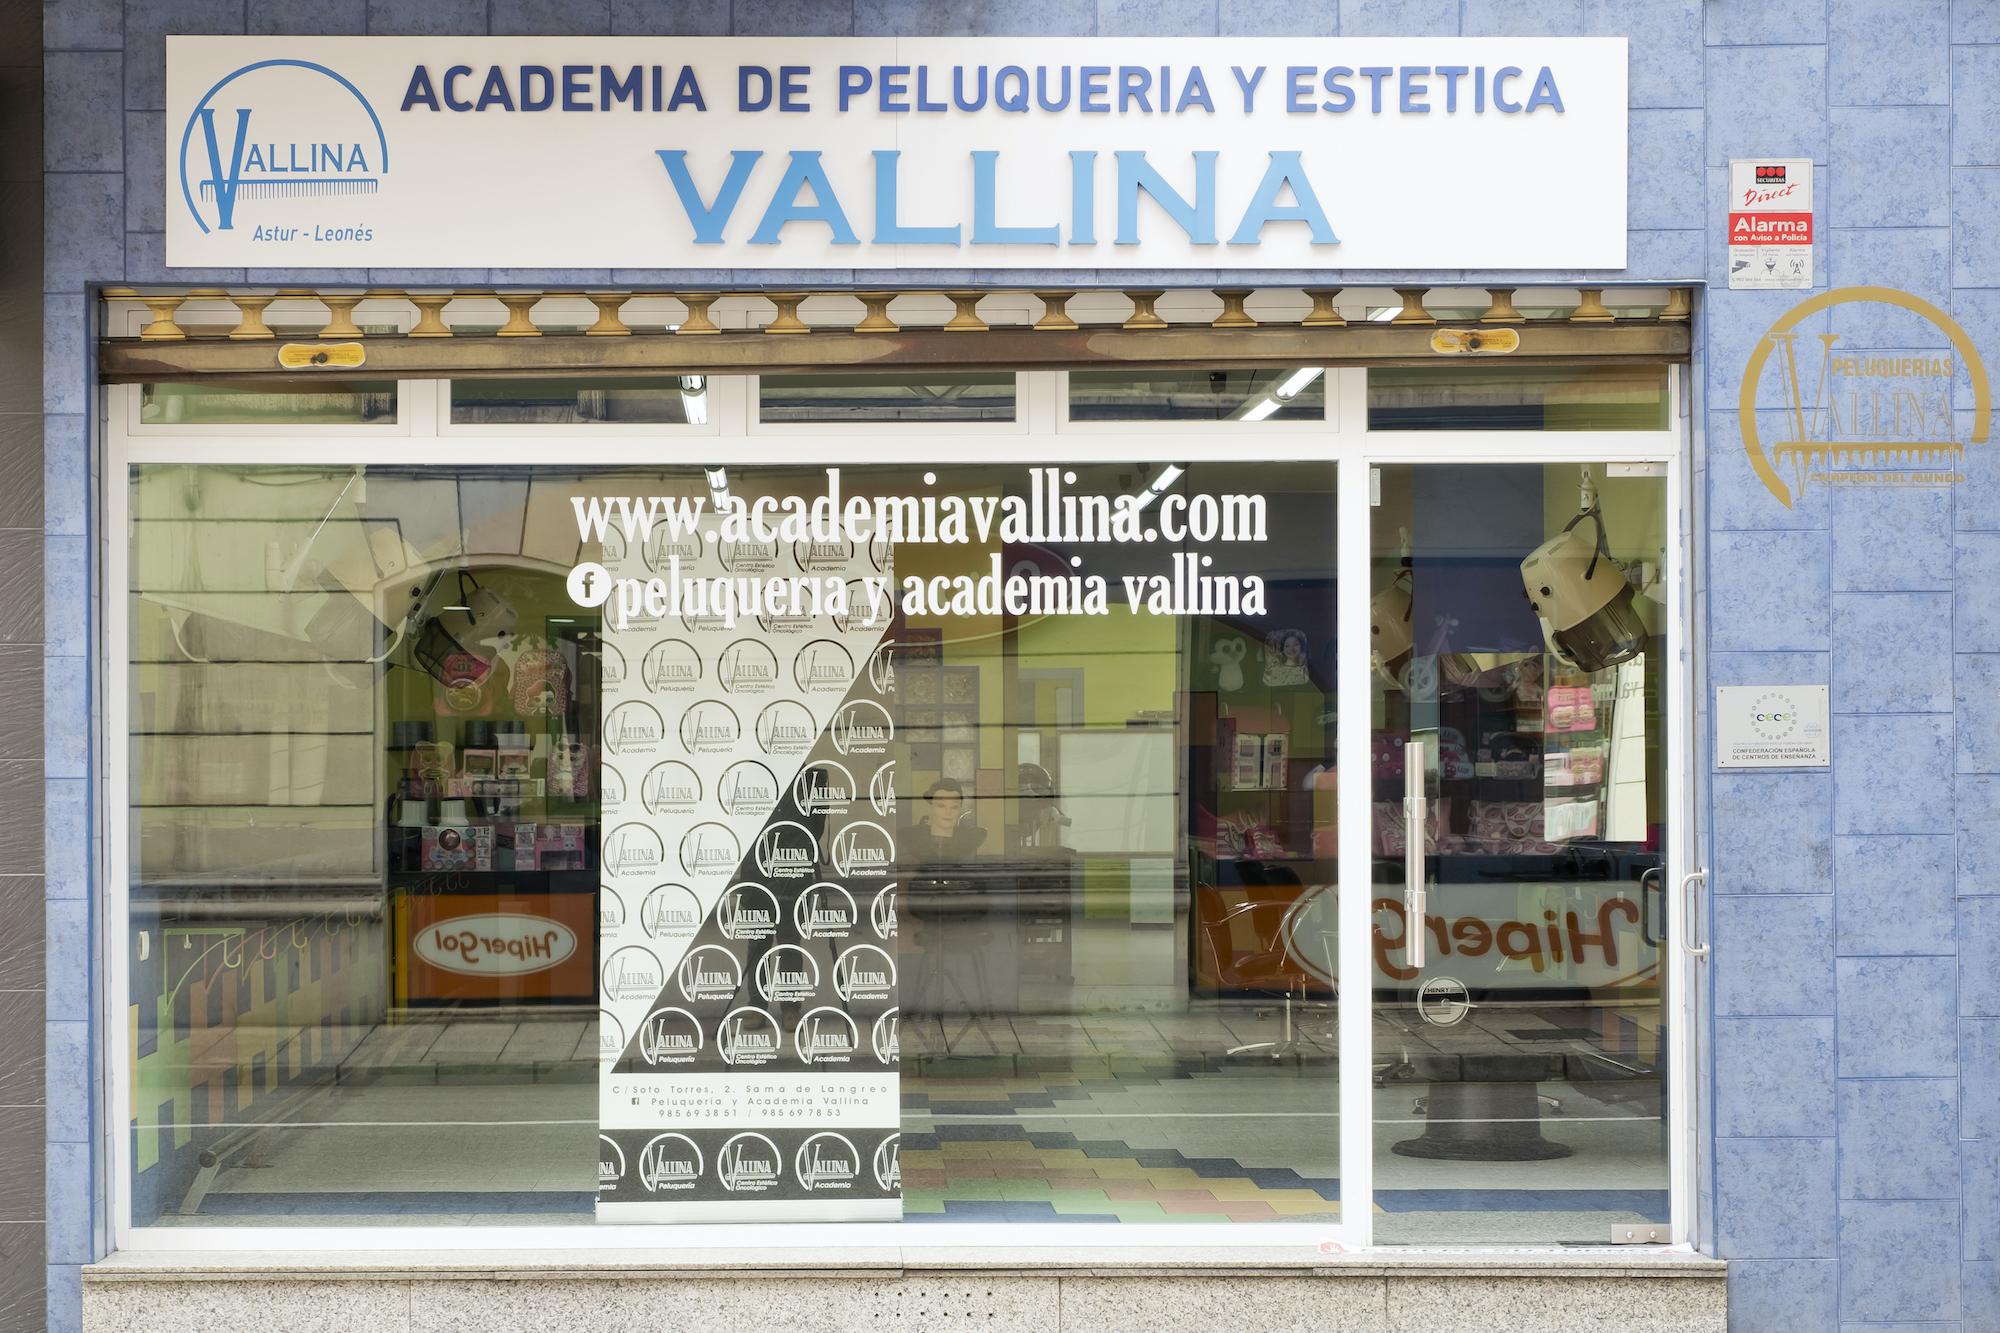 Academia-peluqueria-vallina